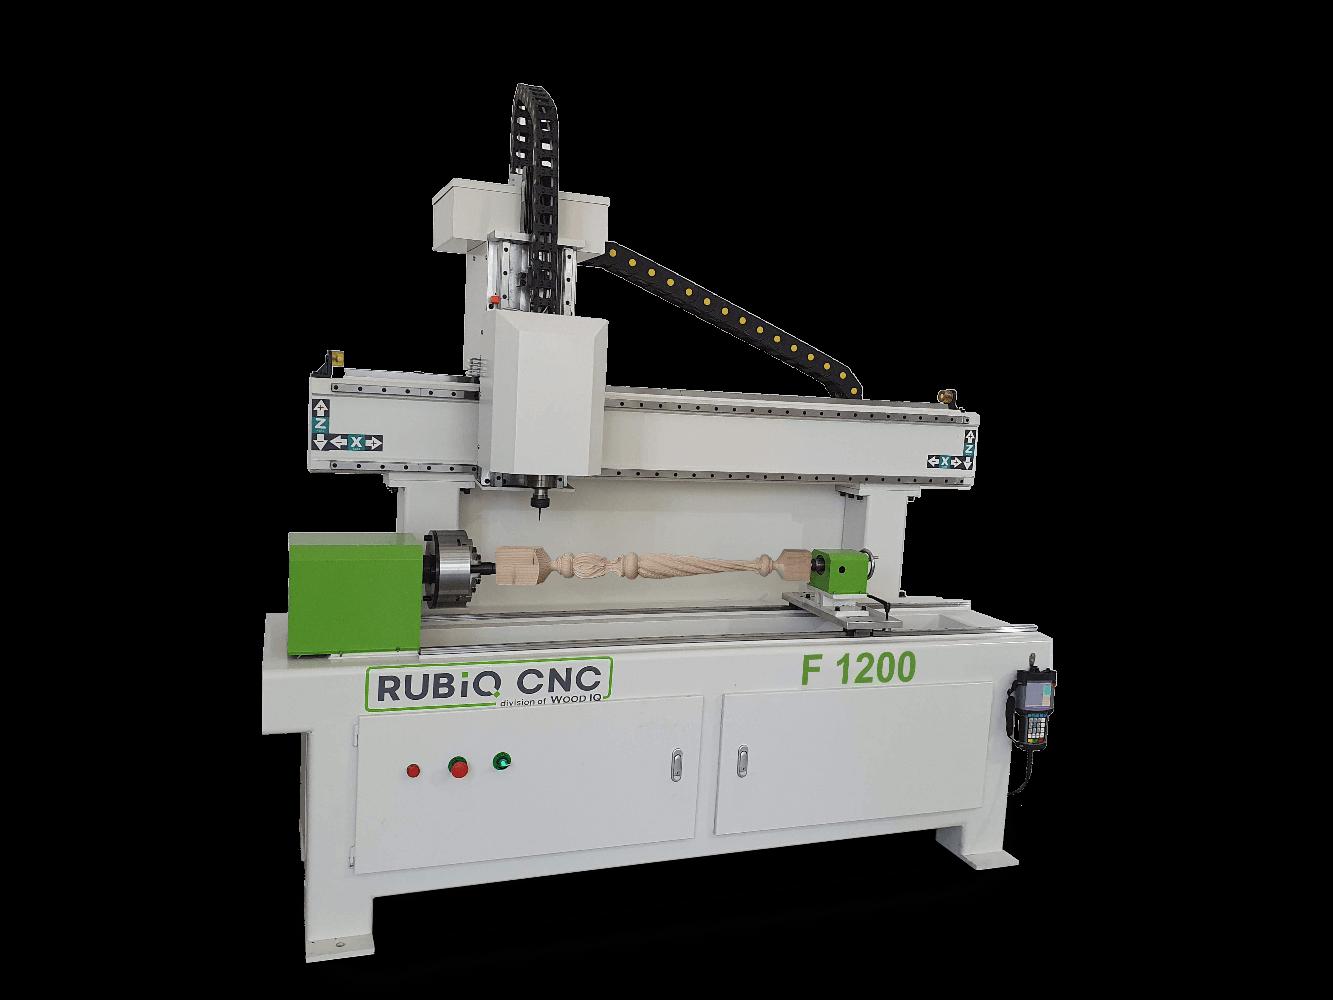 Divizia CNC a Wood IQ devine RUBIQ CNC 6